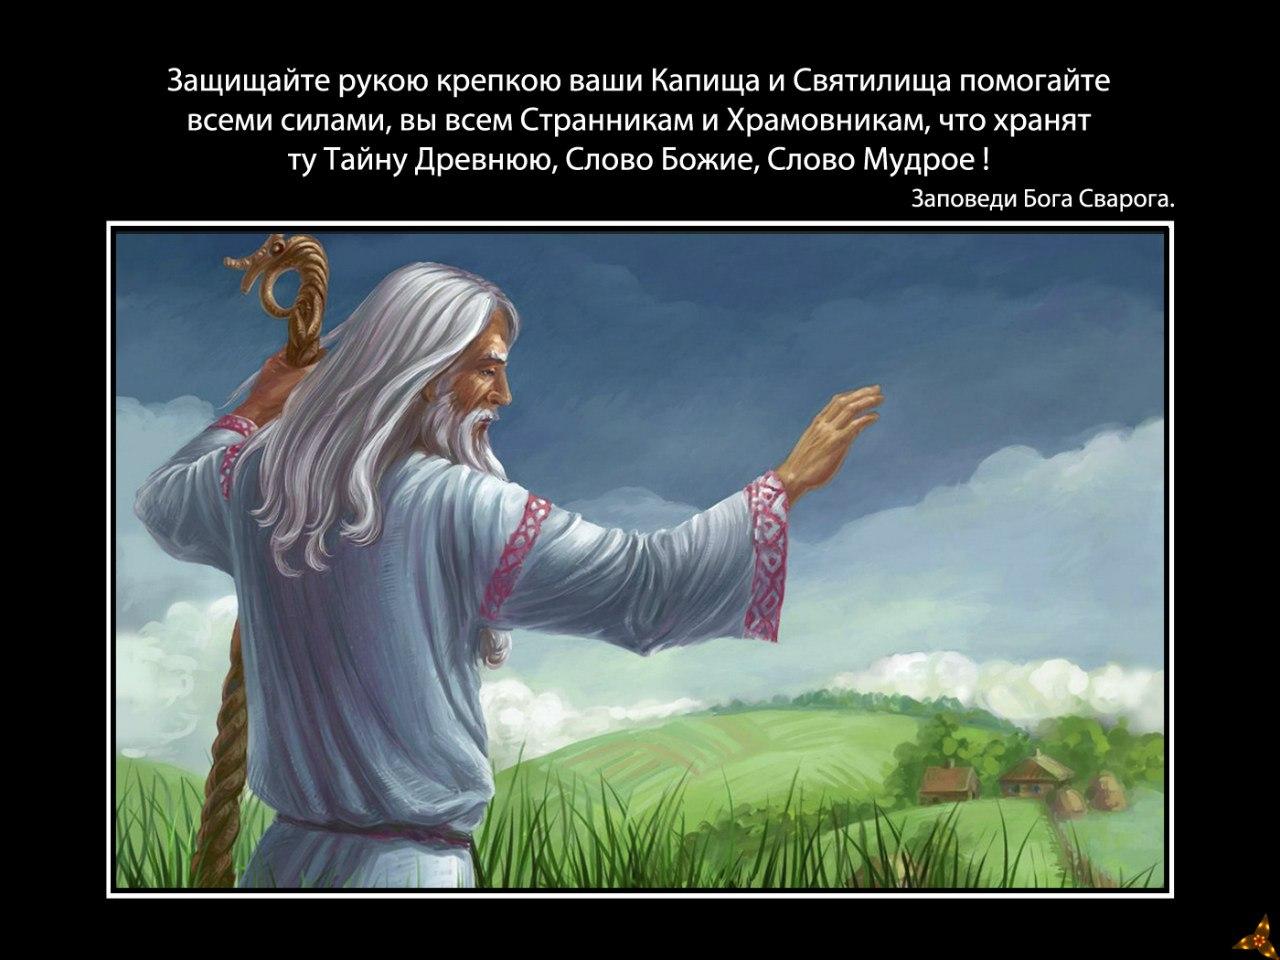 Видео Веды. Славянское миропонимание.